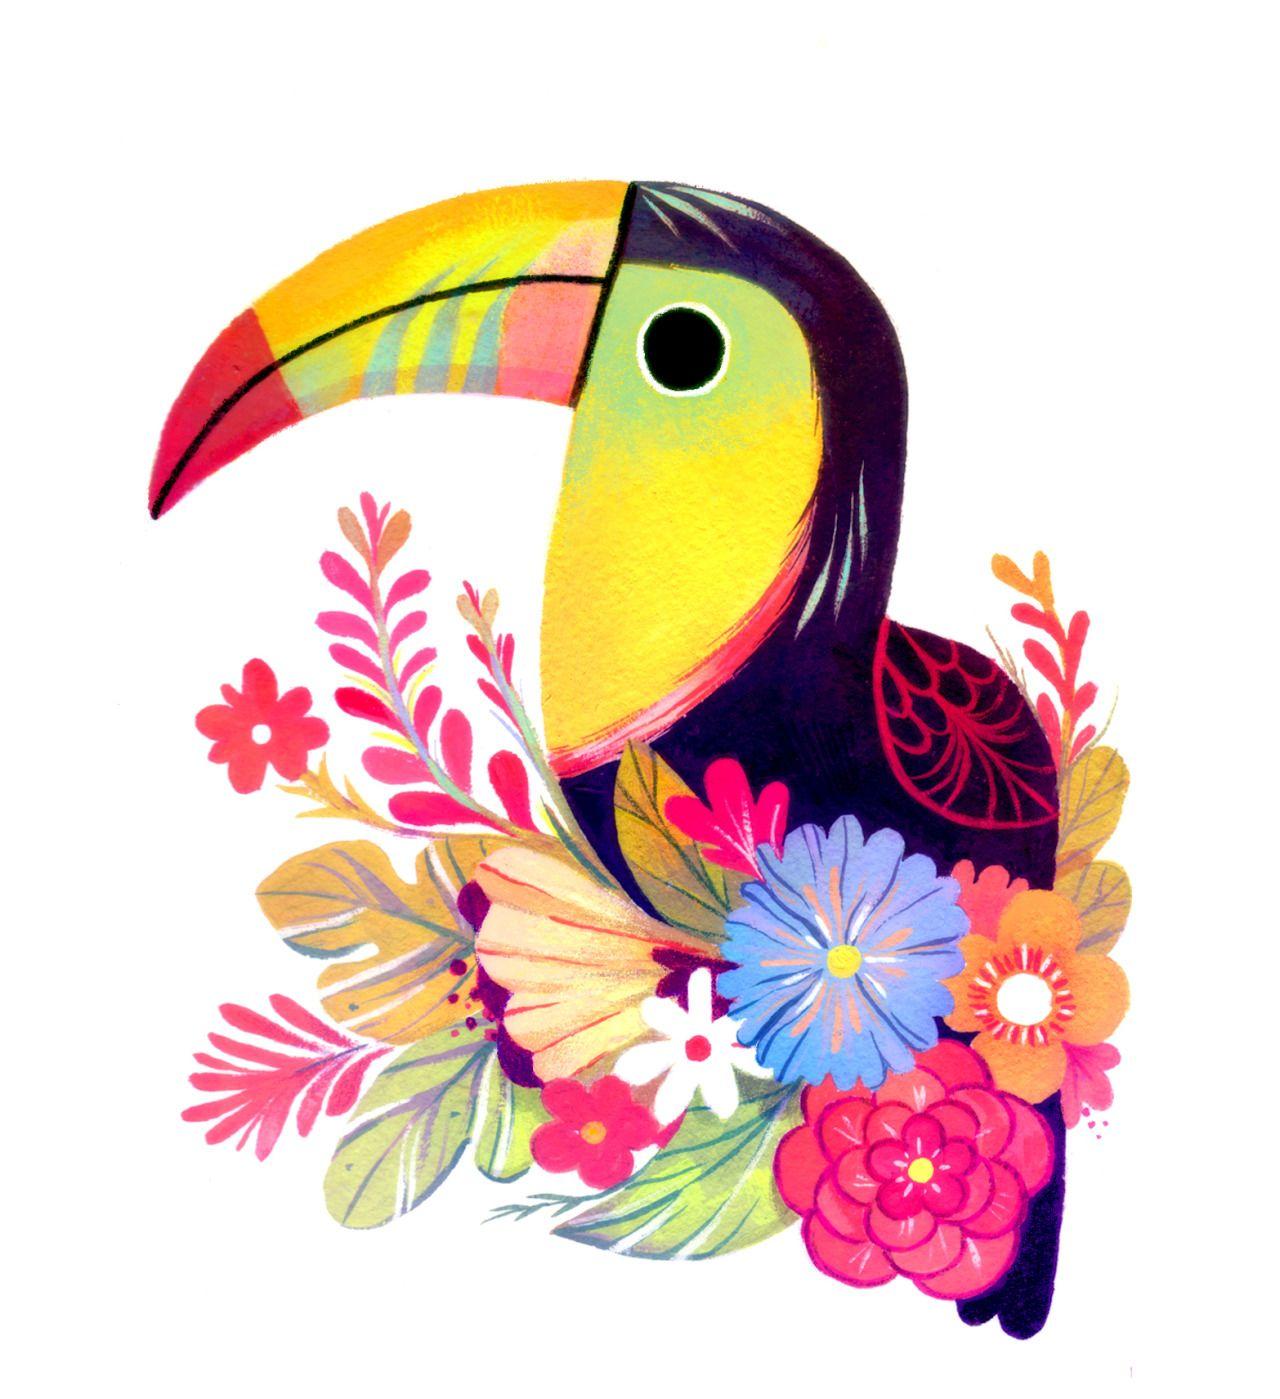 Foto | Imágenes cuquis | Pinterest | Fondos, Dibujo y Acuarela